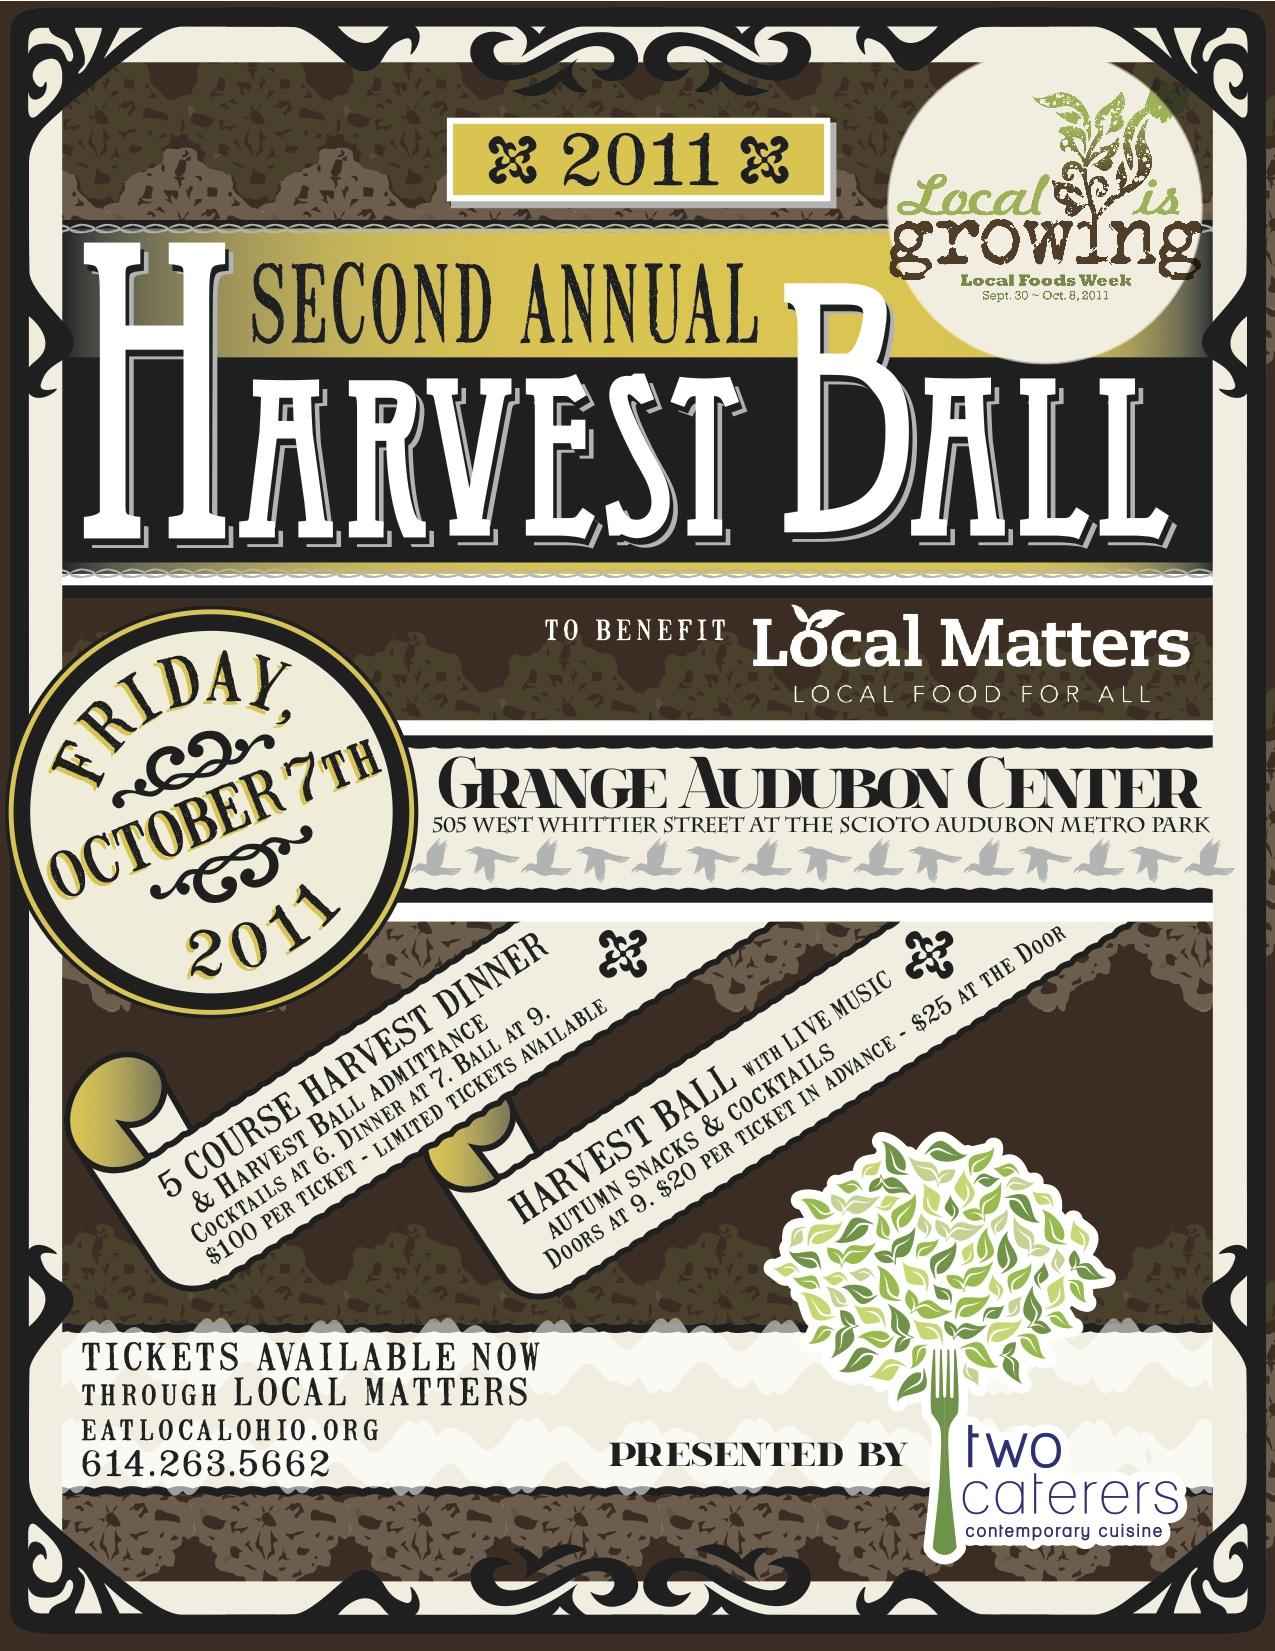 Harvest Dinner and Ball